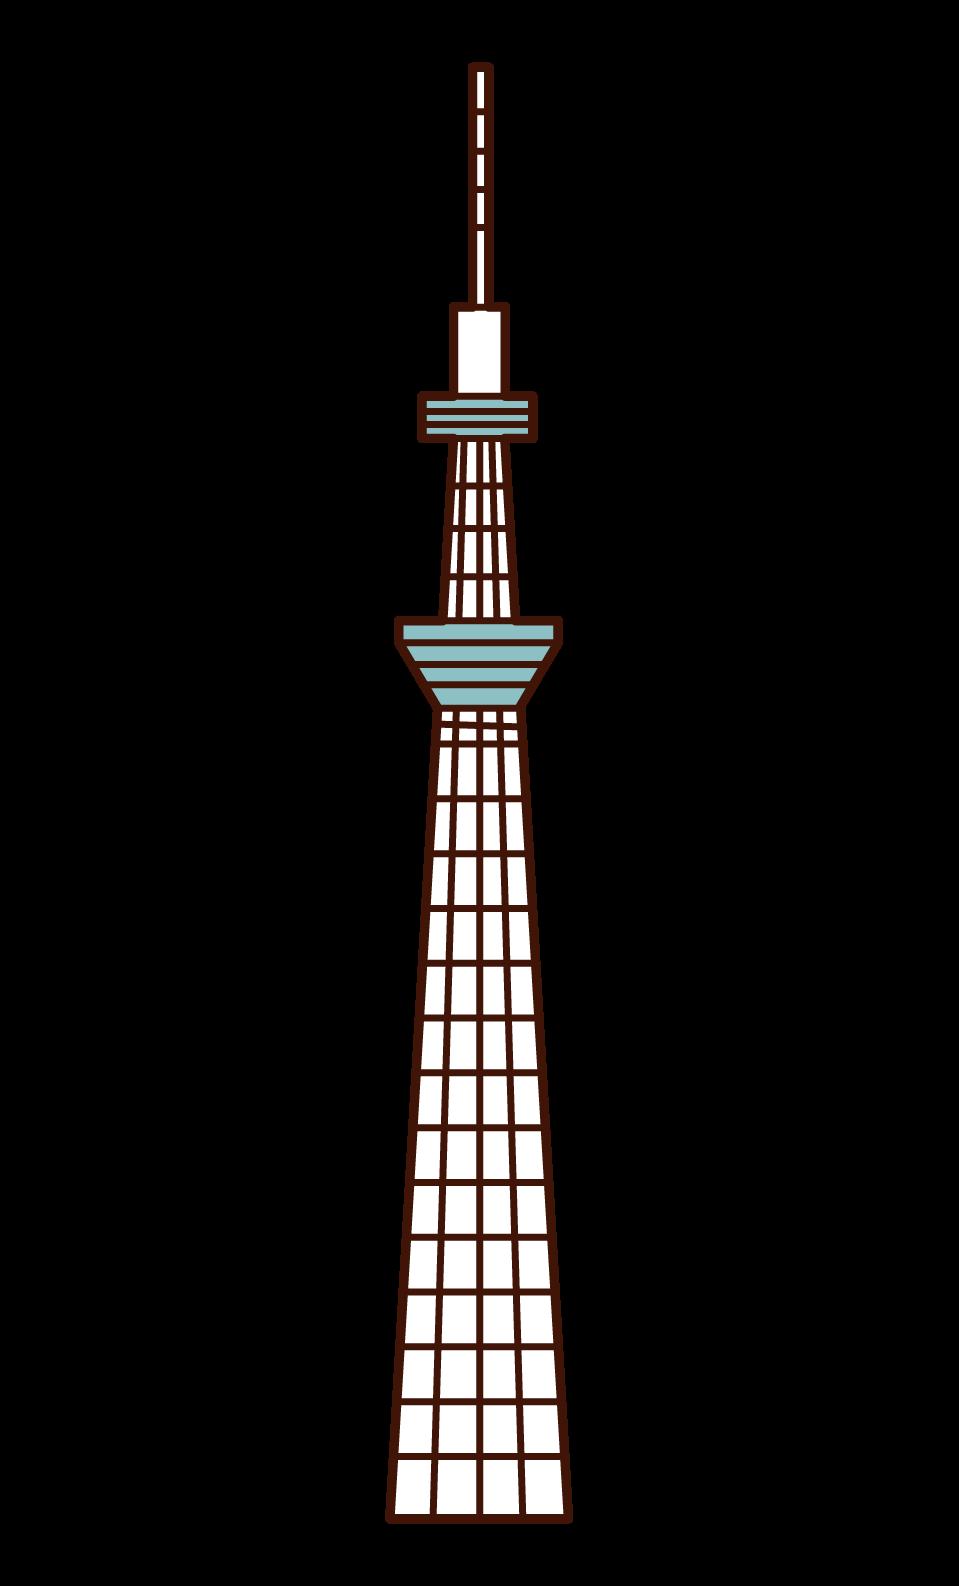 東京スカイツリーのイラスト